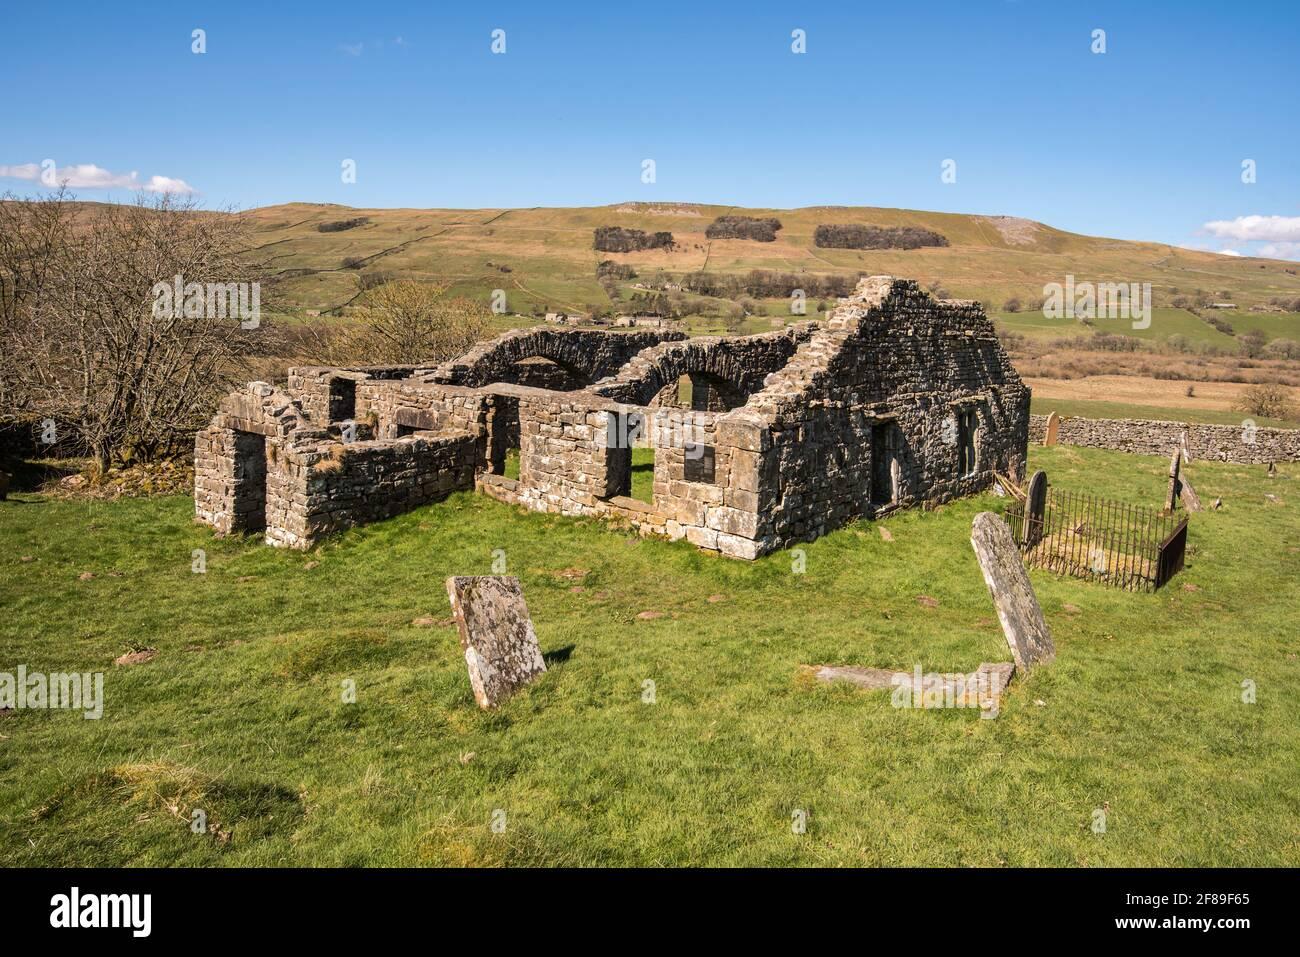 La ruine rudes de l'ancienne église de Busk Raydale Yorkshire Parc national de Dales, Angleterre Banque D'Images